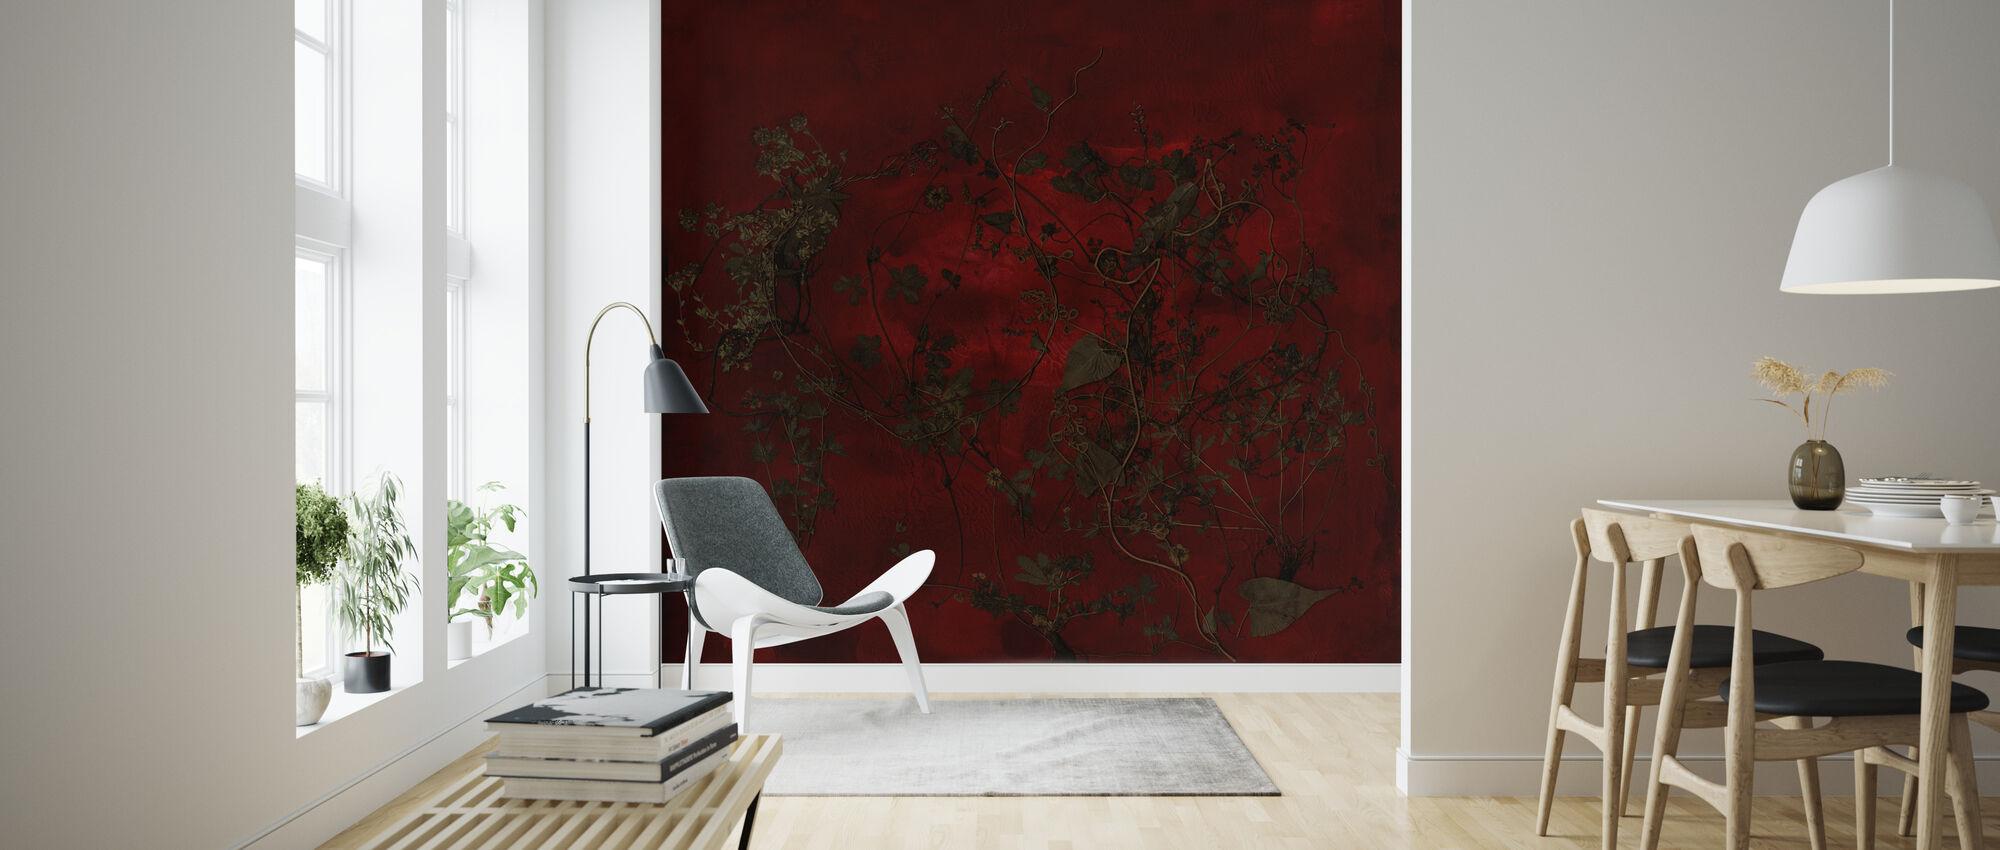 Night Garden - Wallpaper - Living Room